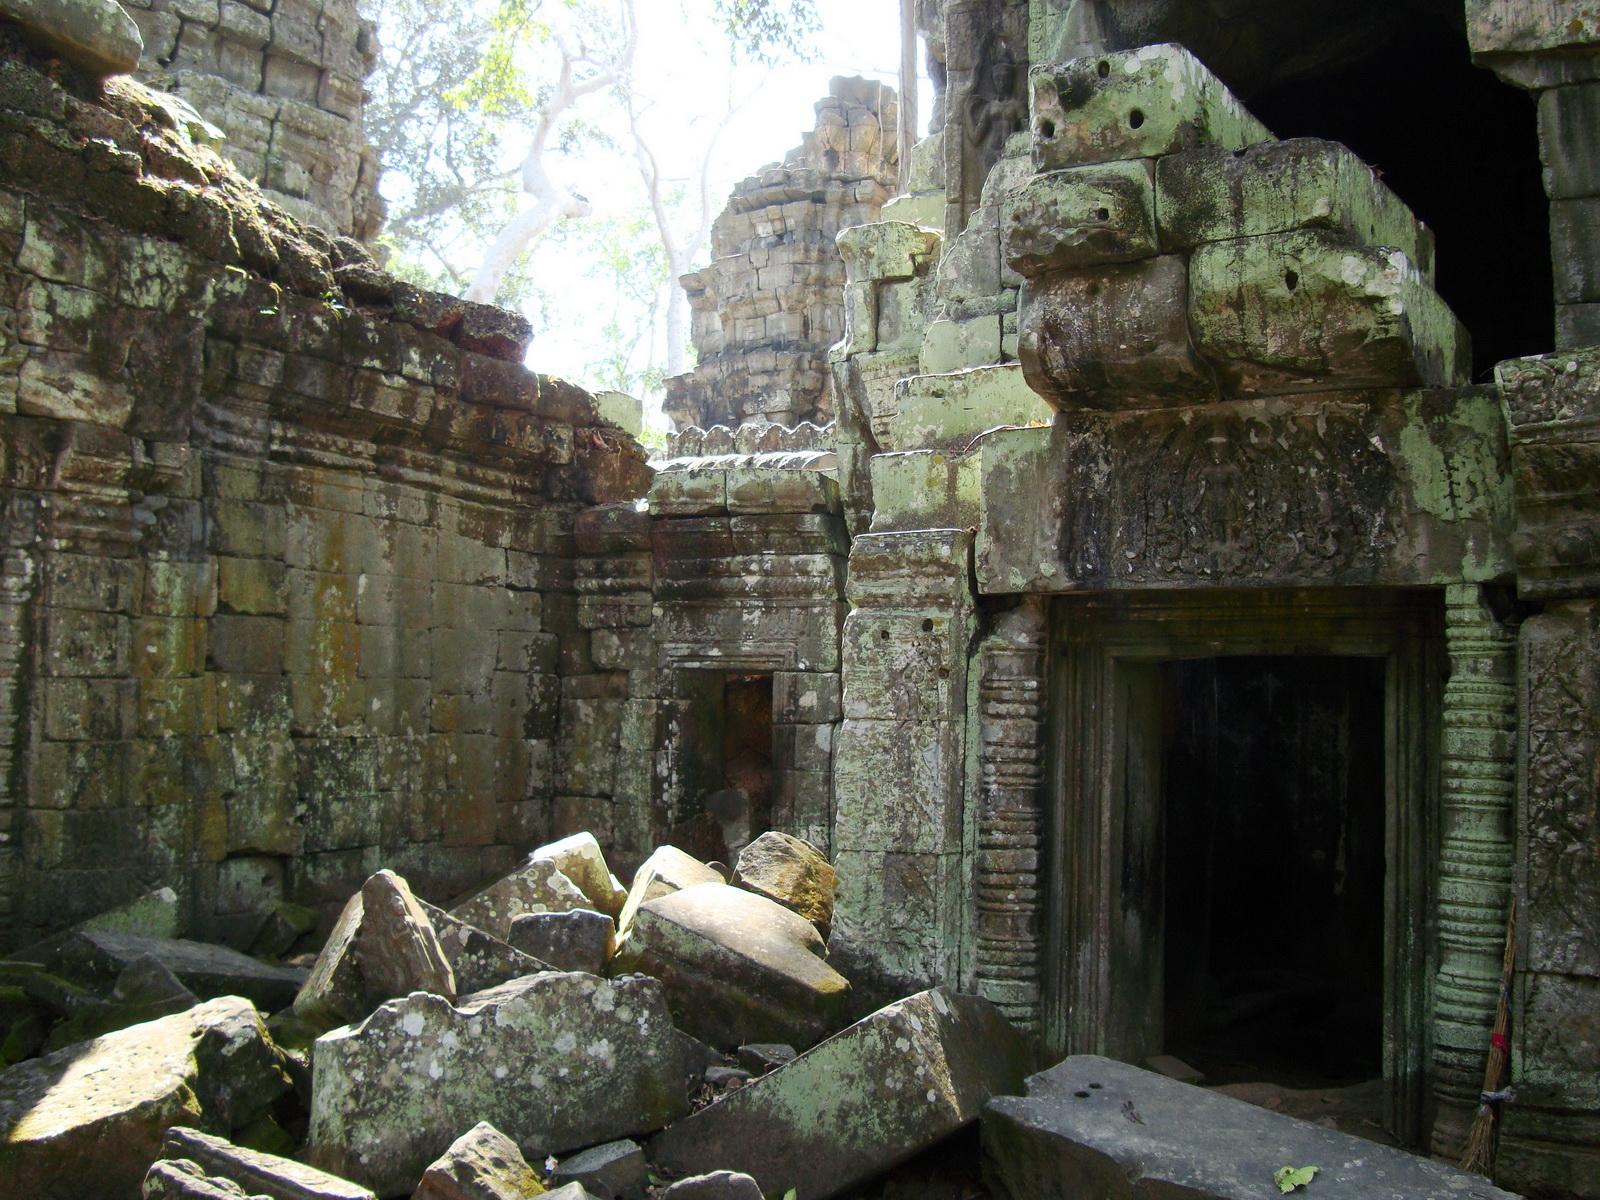 Ta Prohm Tomb Raider Bayon architecture central sanctuary area 23